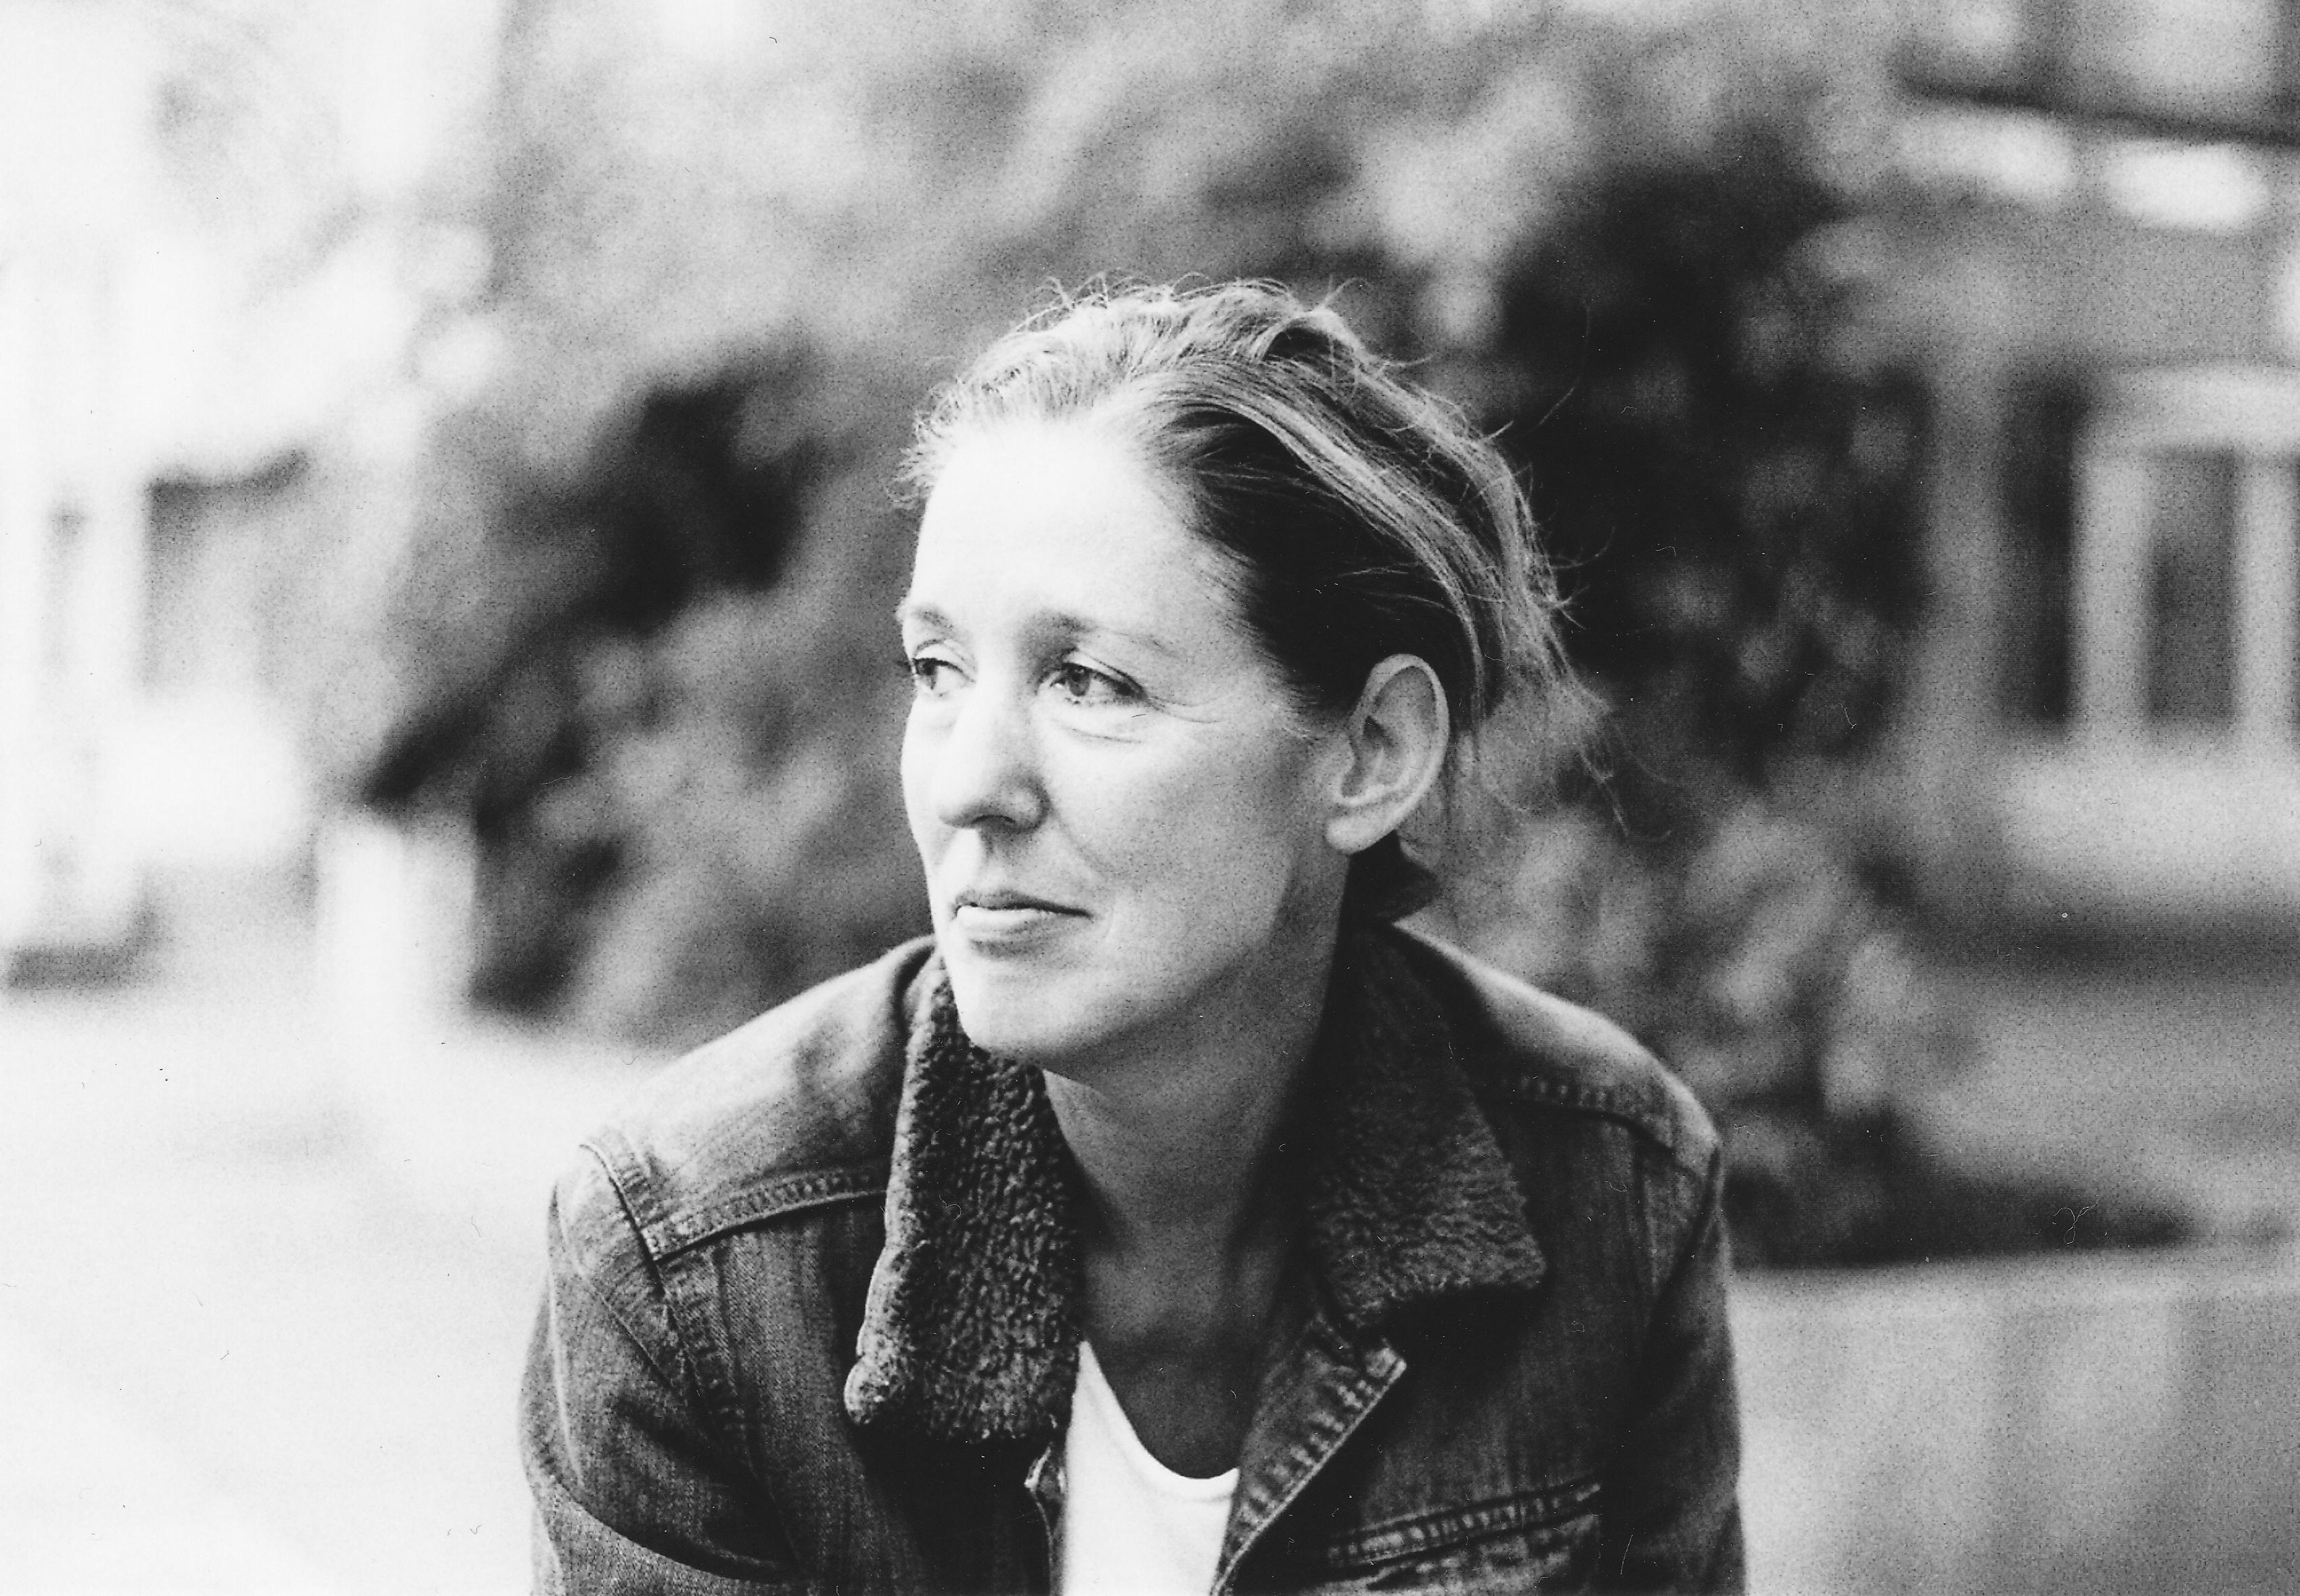 Judith Kuckart (Fotonachweis: Gisela Cäsar)